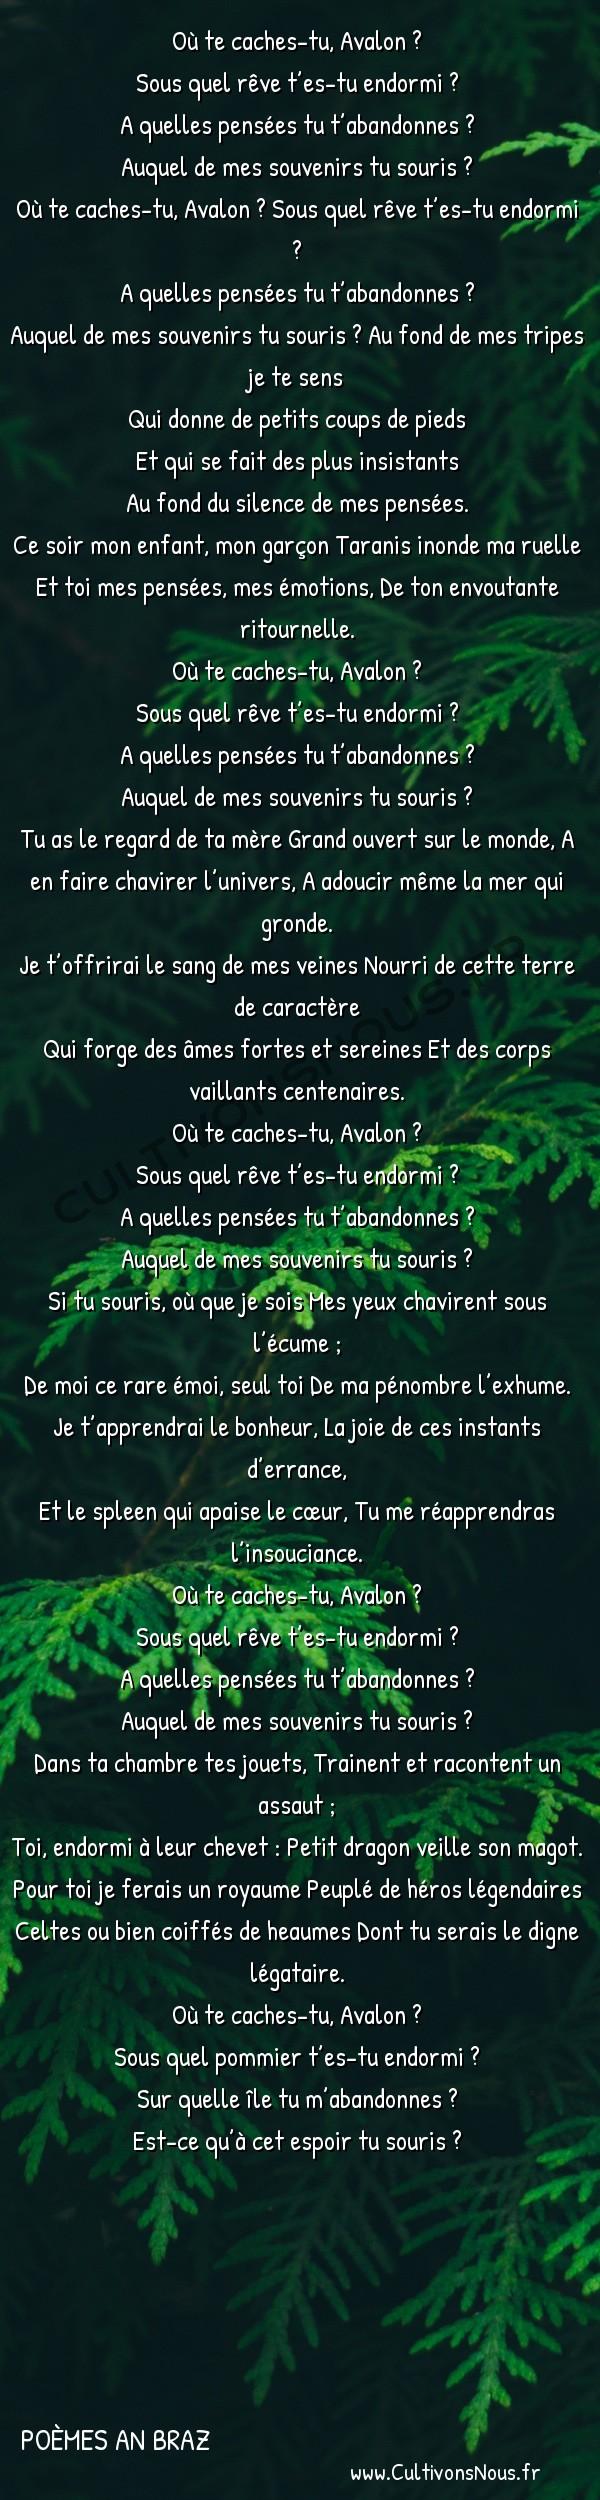 Poésies contemporaines - Poèmes An Braz - Avalon -  Où te caches-tu, Avalon ? Sous quel rêve t'es-tu endormi ?